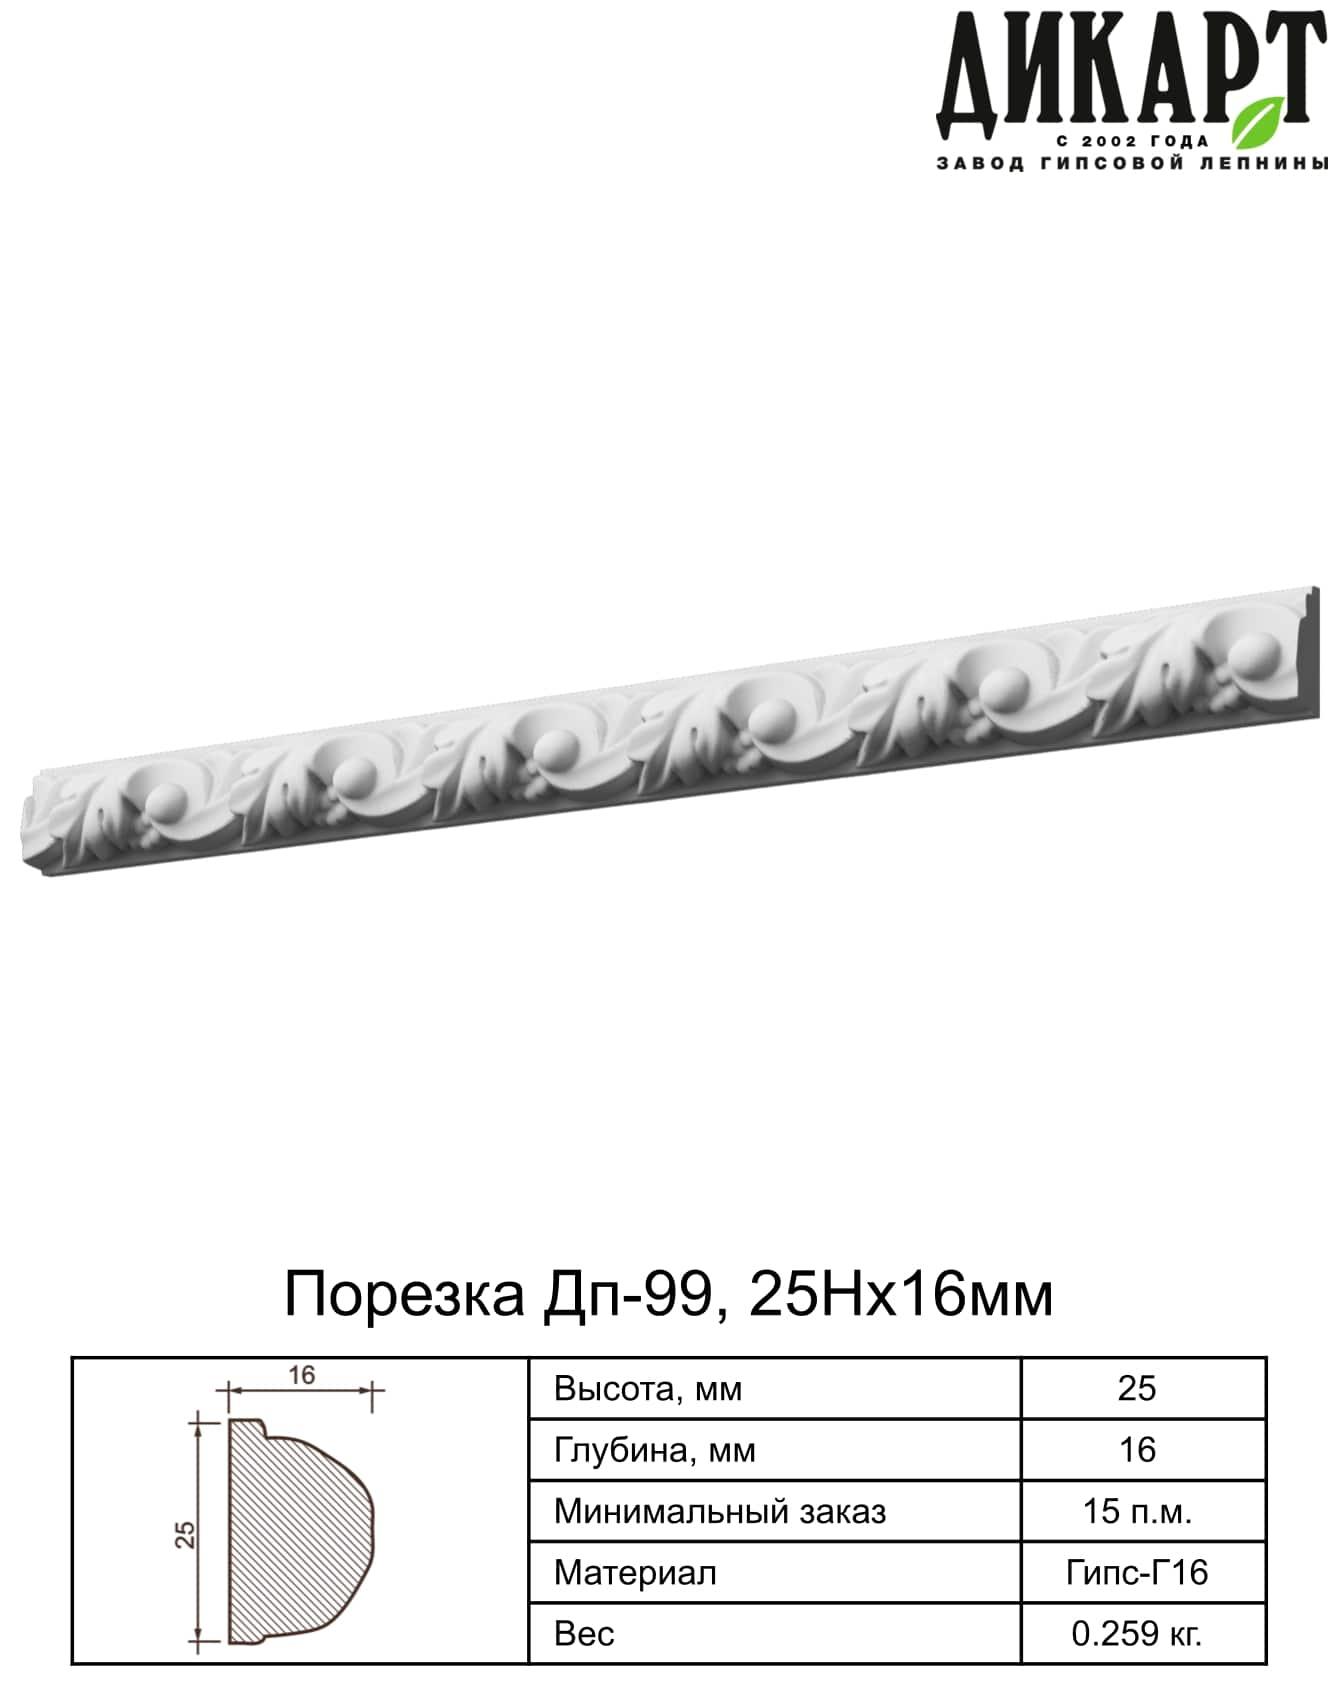 Порезка_Дп-99